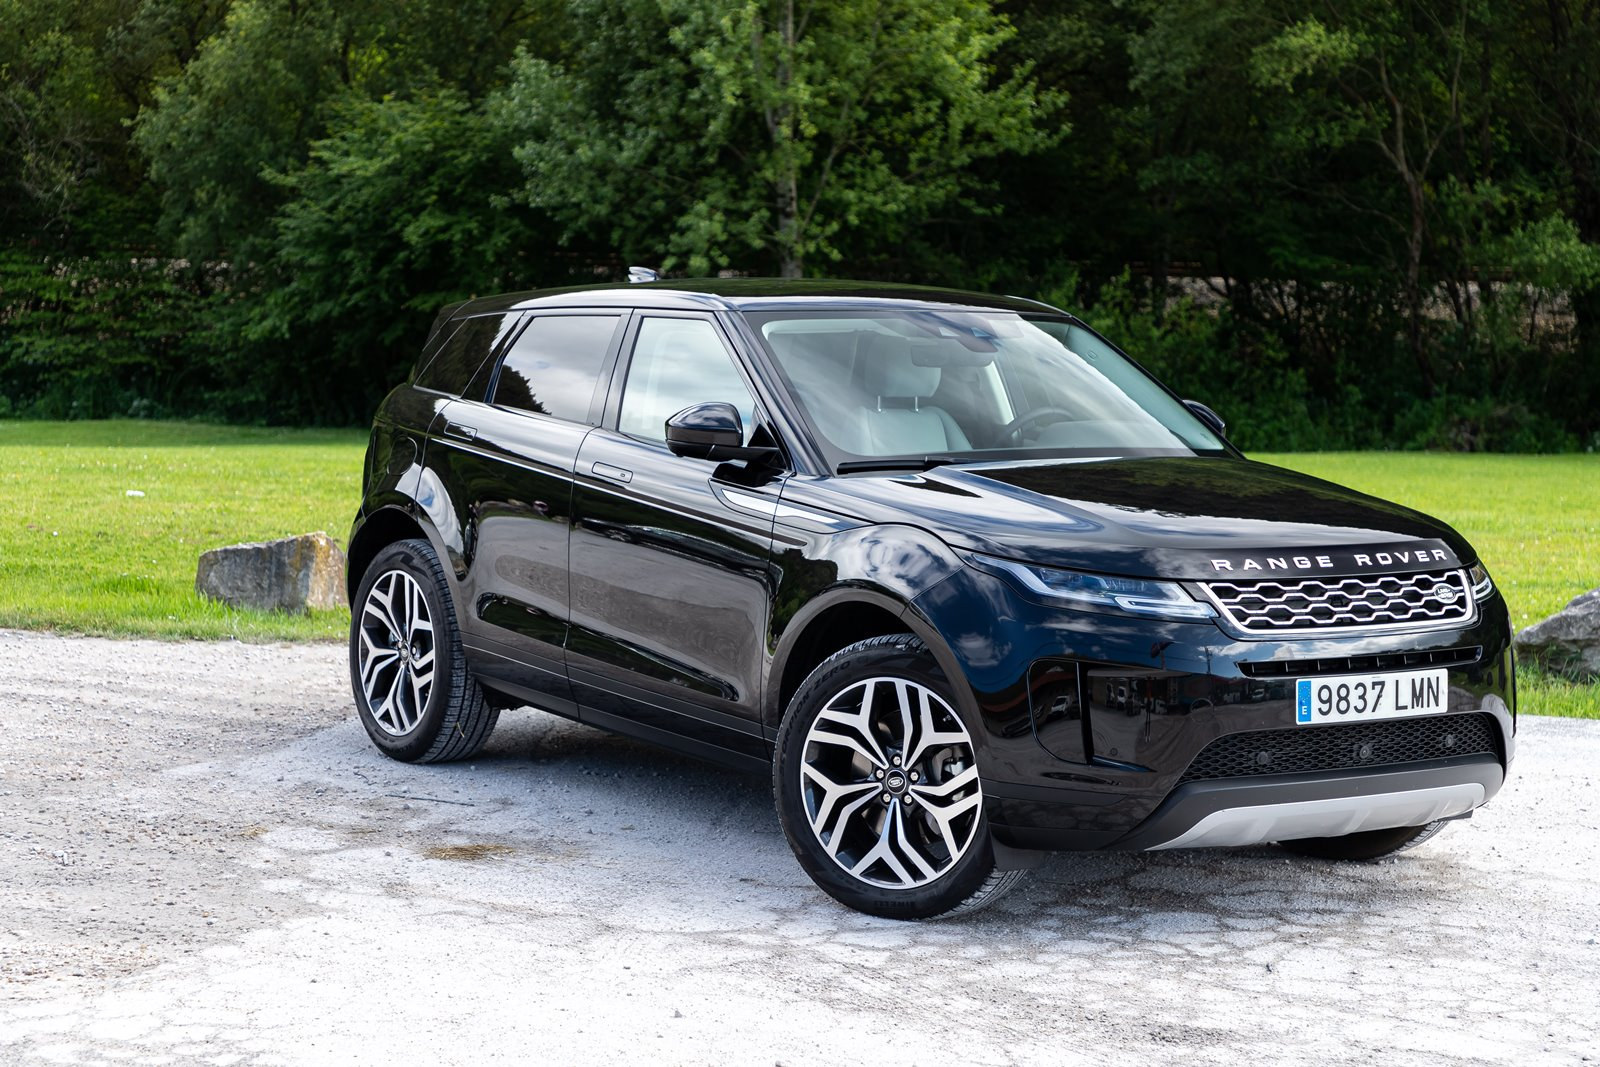 Probamos el Land Rover Range Rover Evoque P300e